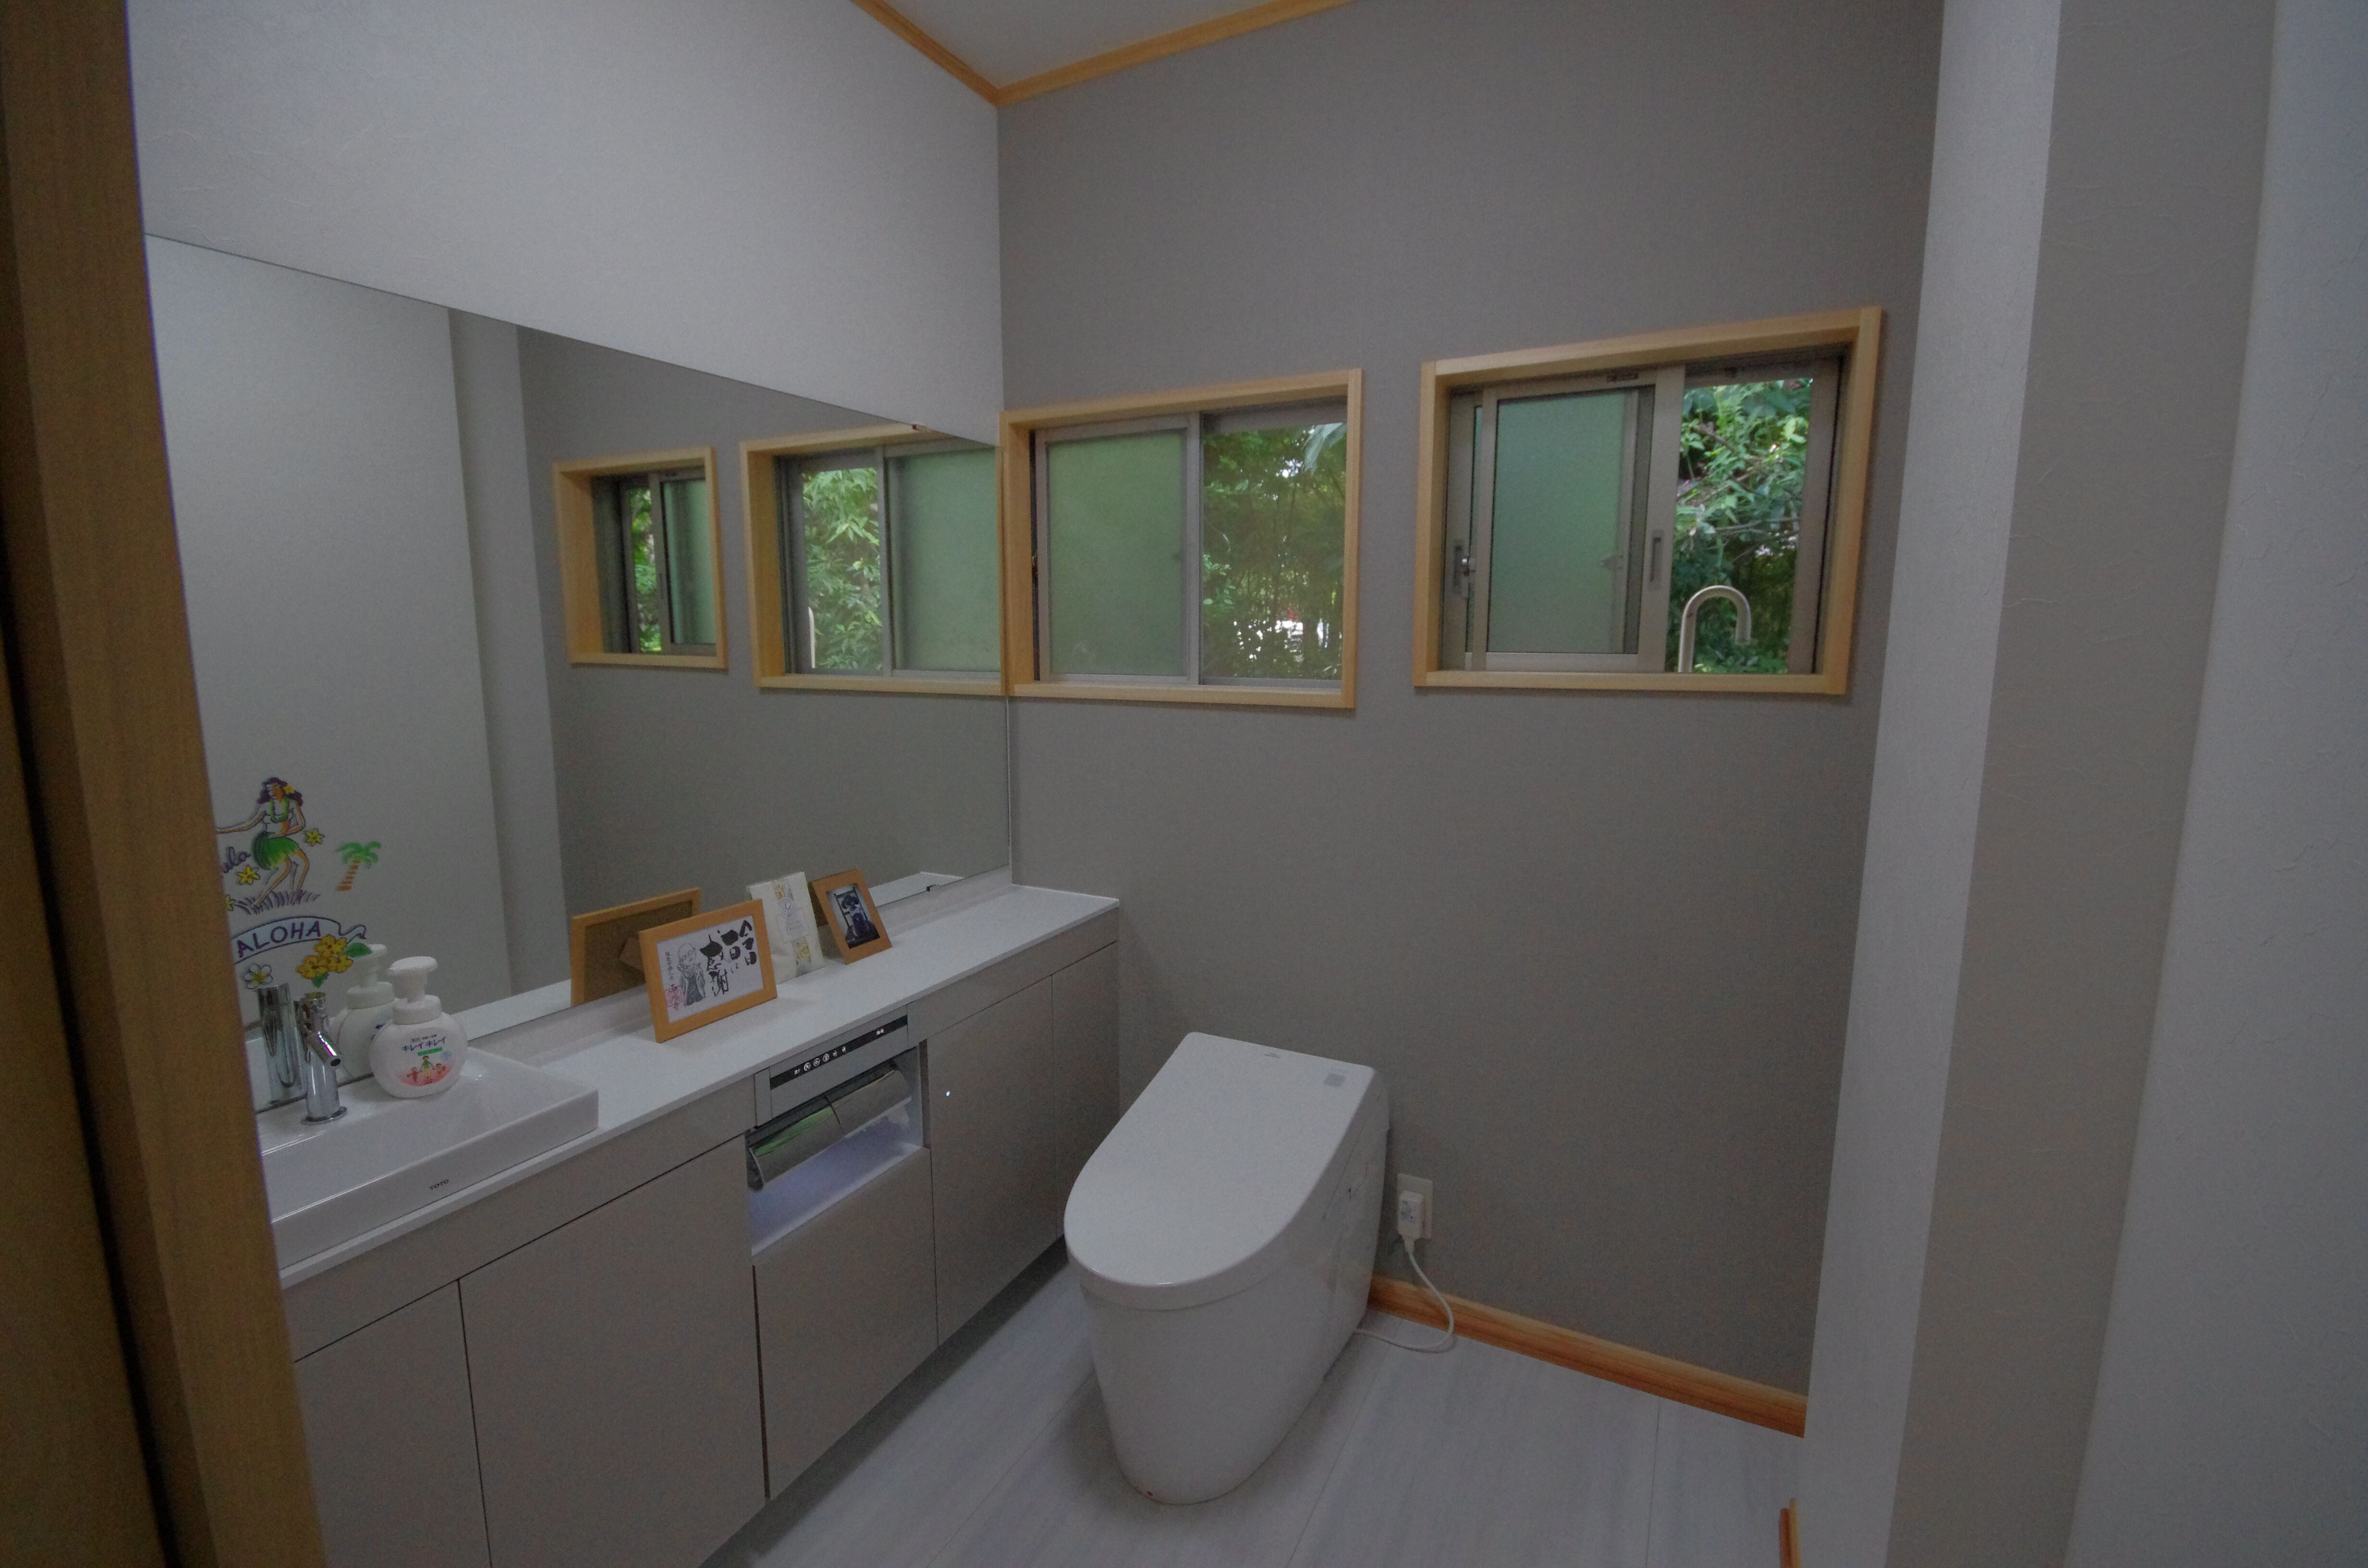 広いトイレで爽やかな毎日】株式会社鮫島工業の実例詳細   リフォーム